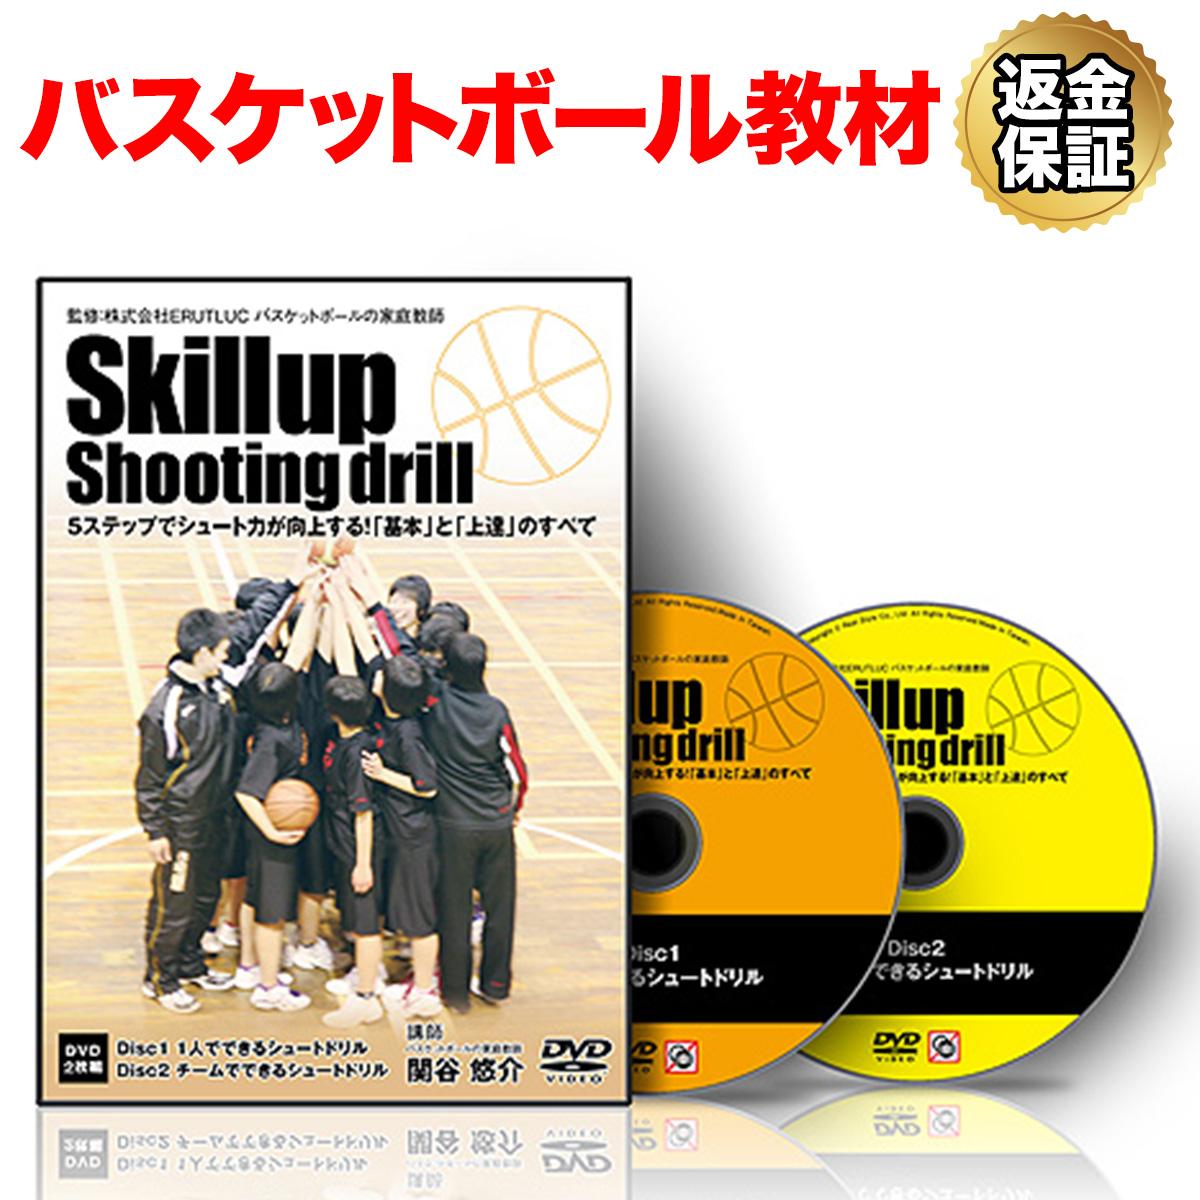 【バスケットボール】スキルアップシューティングドリル